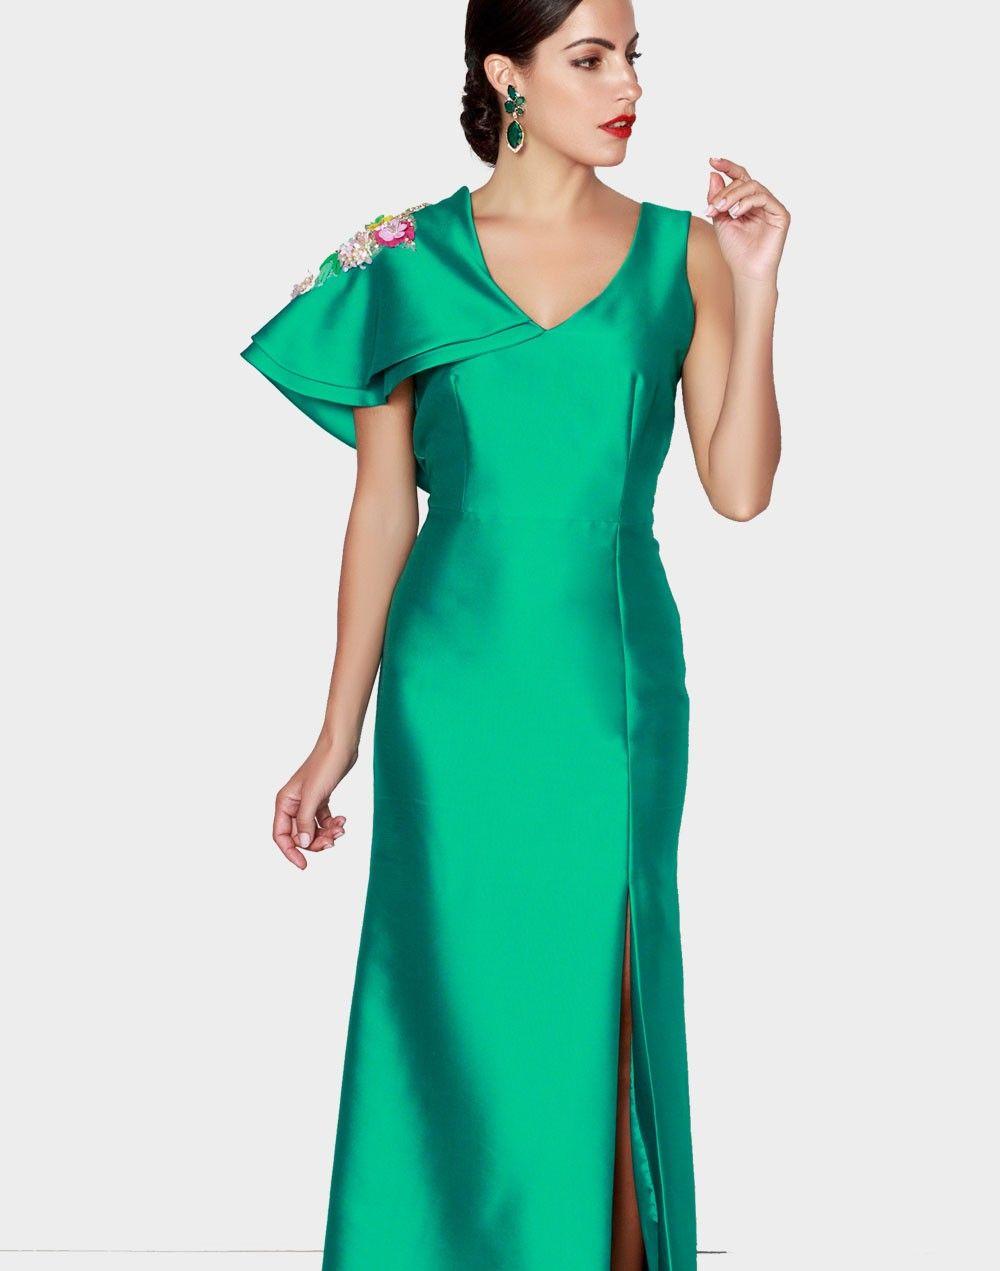 Verde Nuribel Con De Volante Vestido Esmeralda Largo Asimétrico 5ARLj4q3